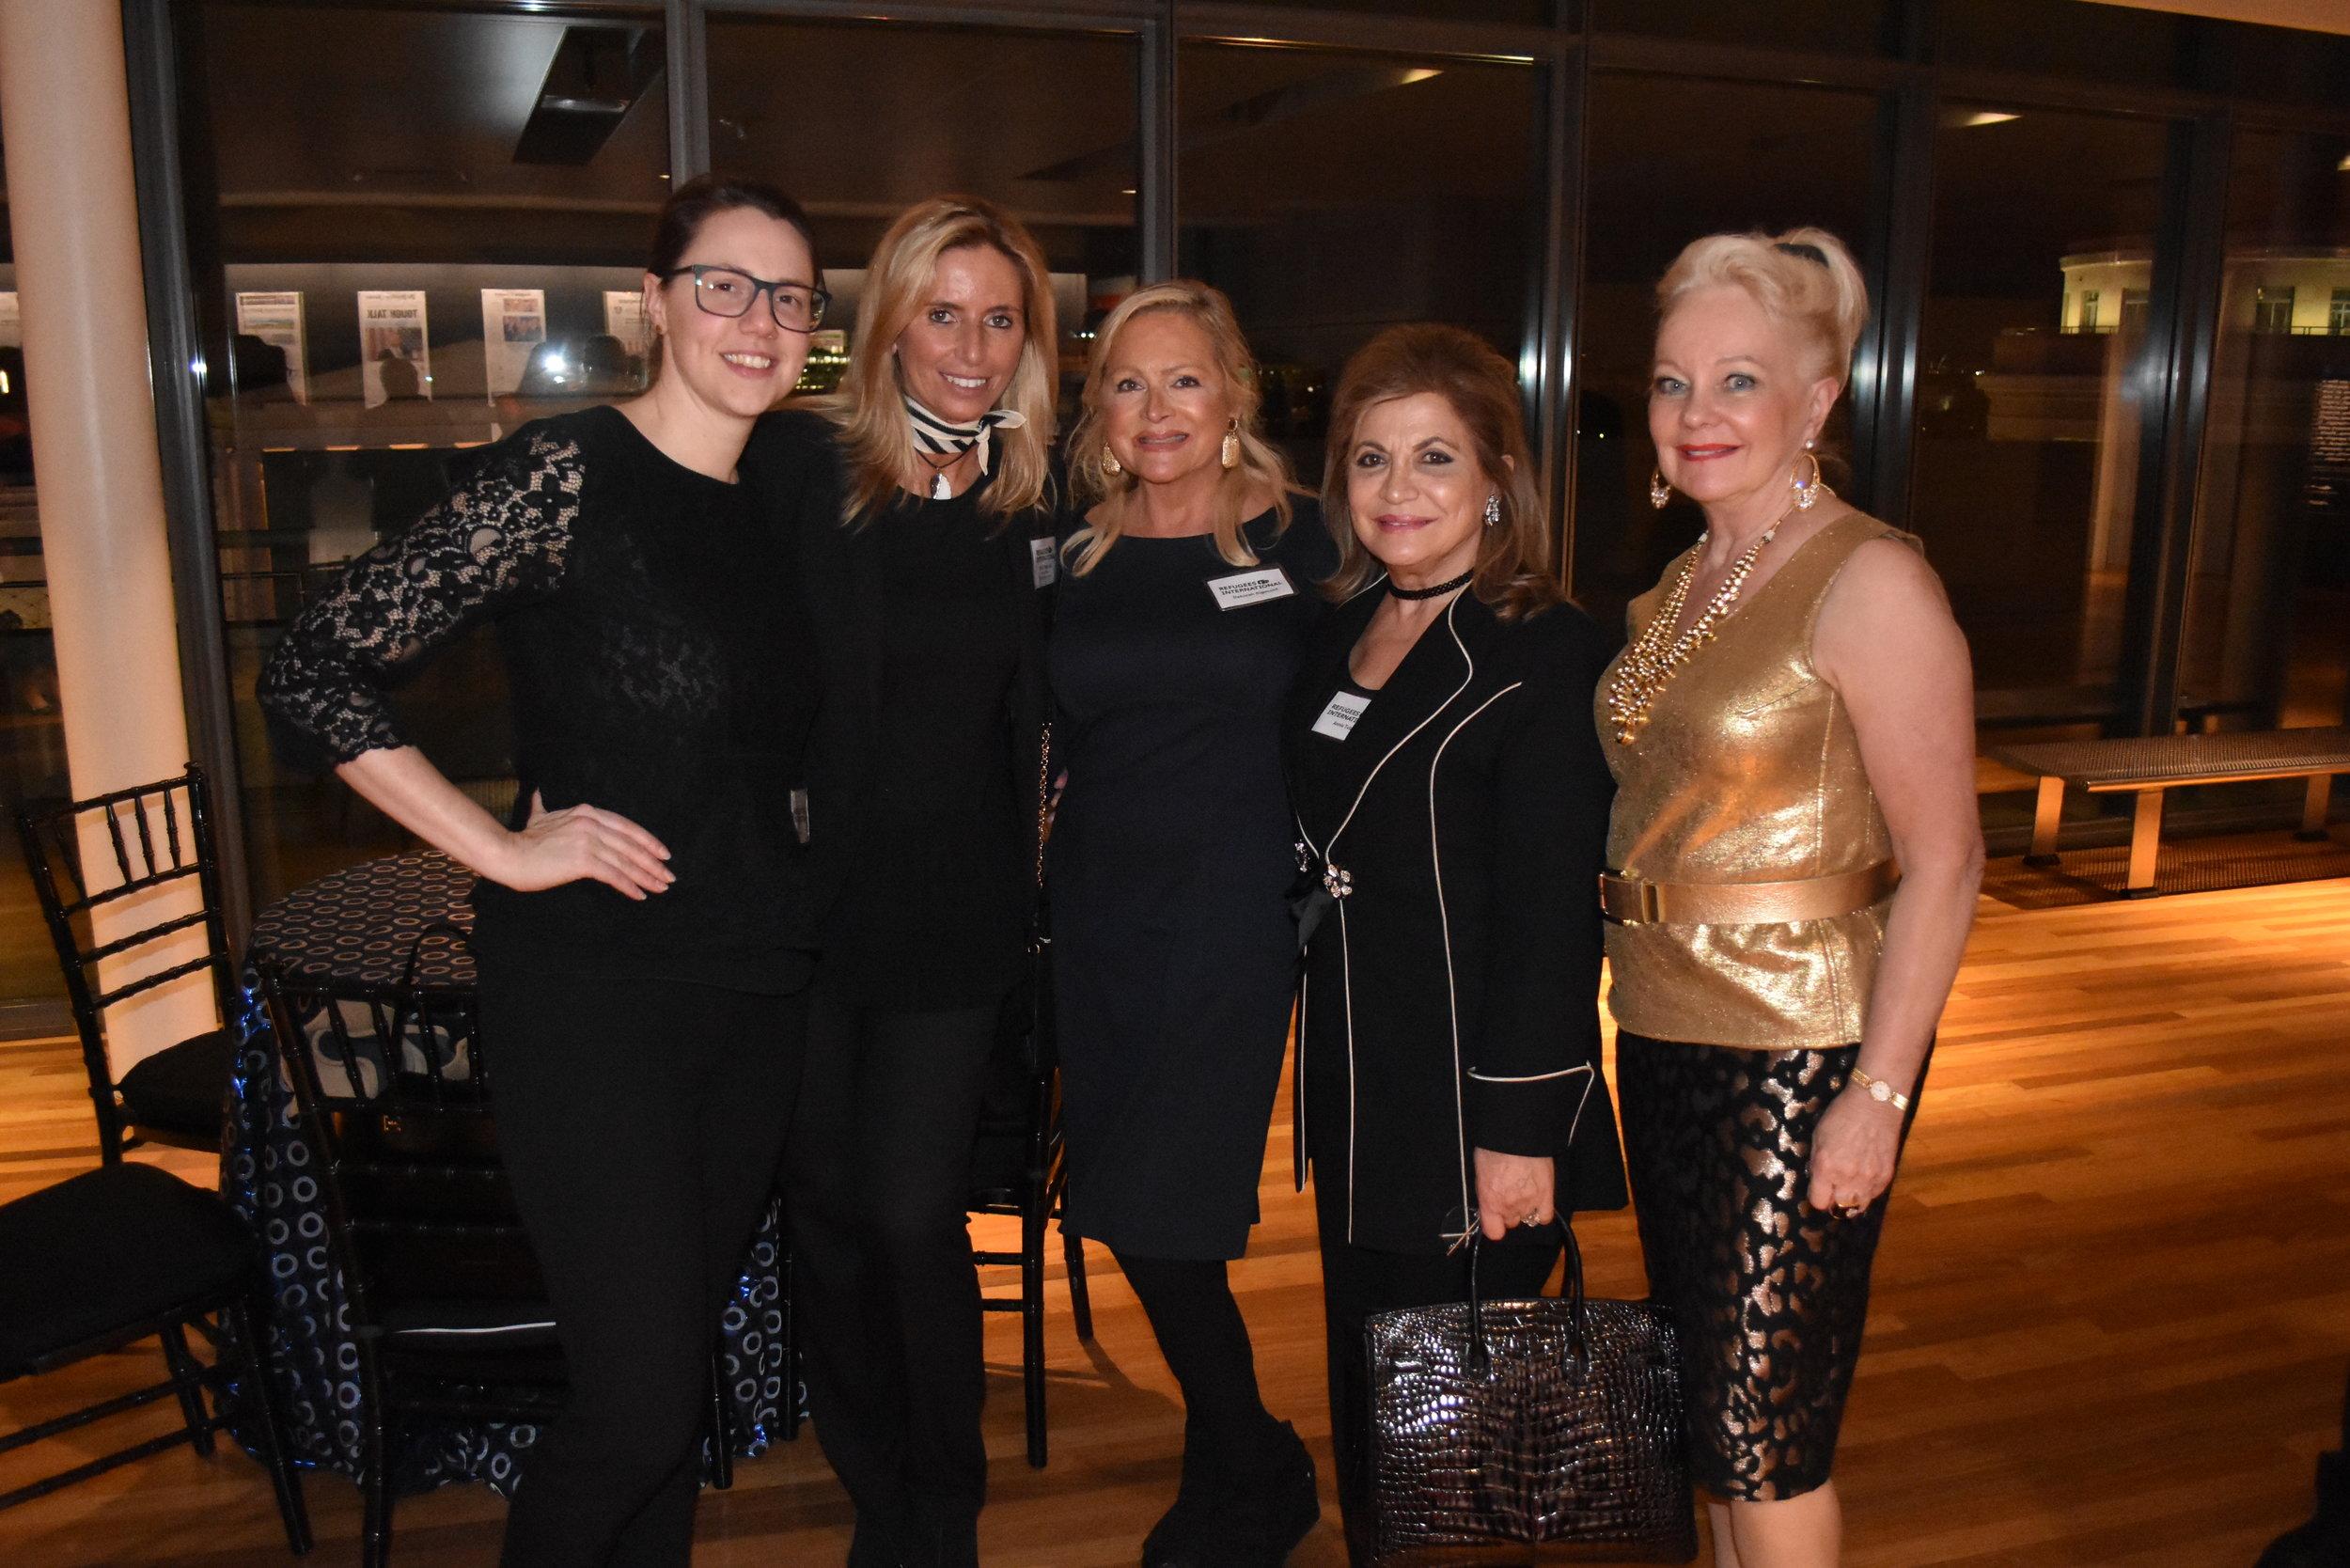 Courtney Allen, Benefit Chair Maria Trabocchi, Deborah Sigmund, Annie Totah, and Carole Randolph